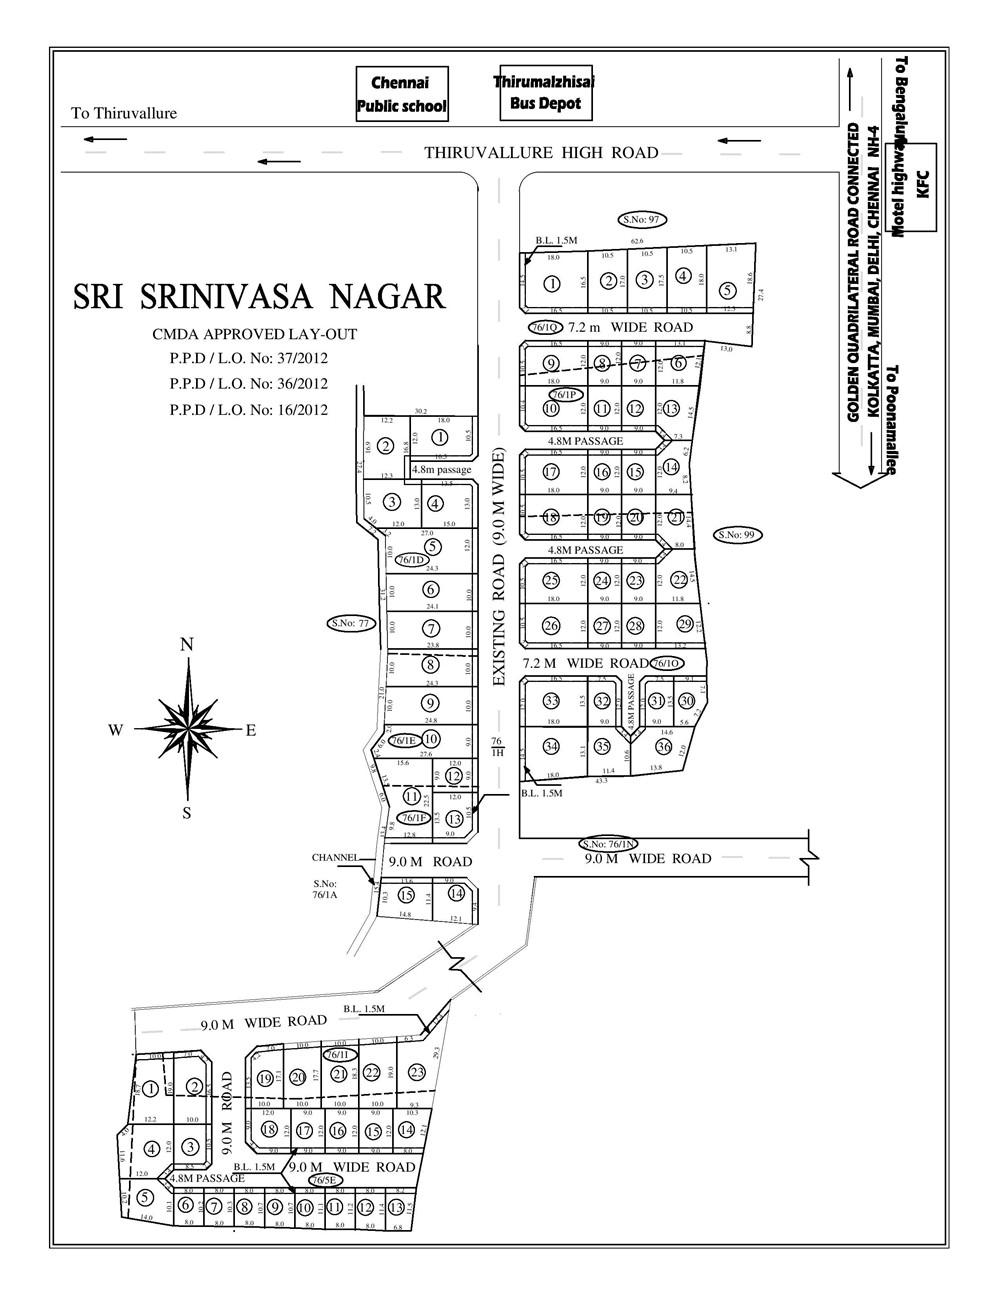 Raj Sri Srinivasa Nagar in Poonamallee, Chennai by Raj